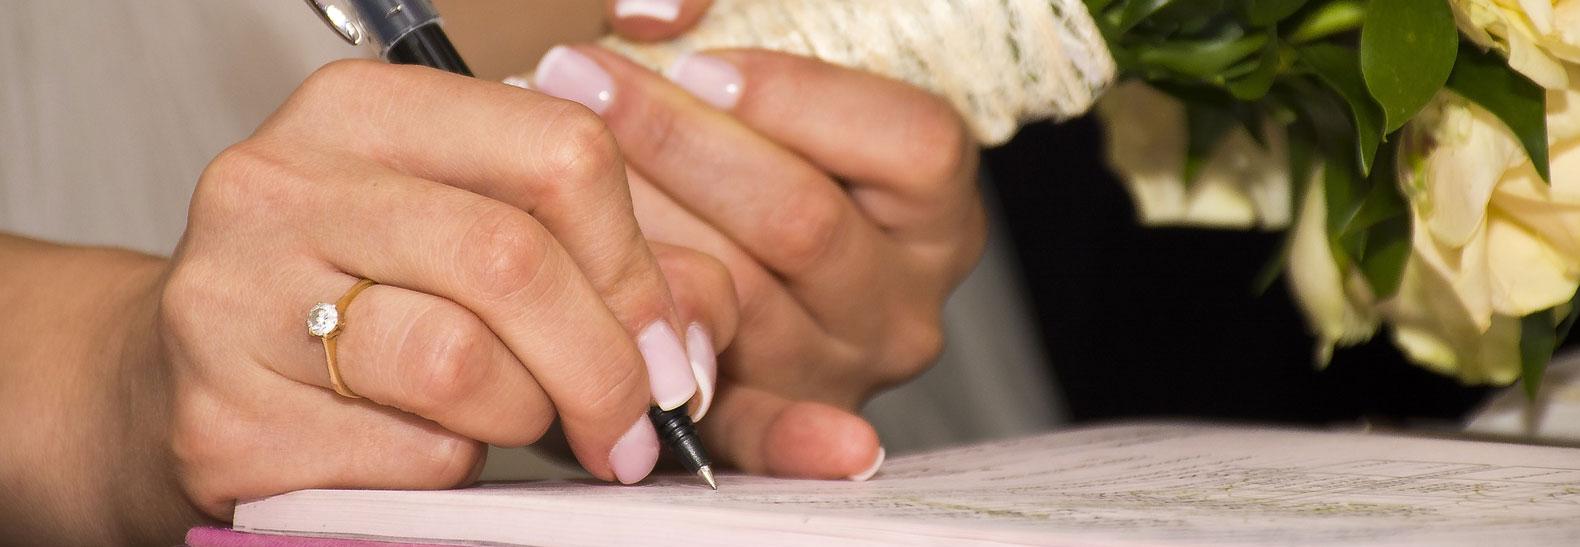 come organizzare un matrimonio solo rito civile